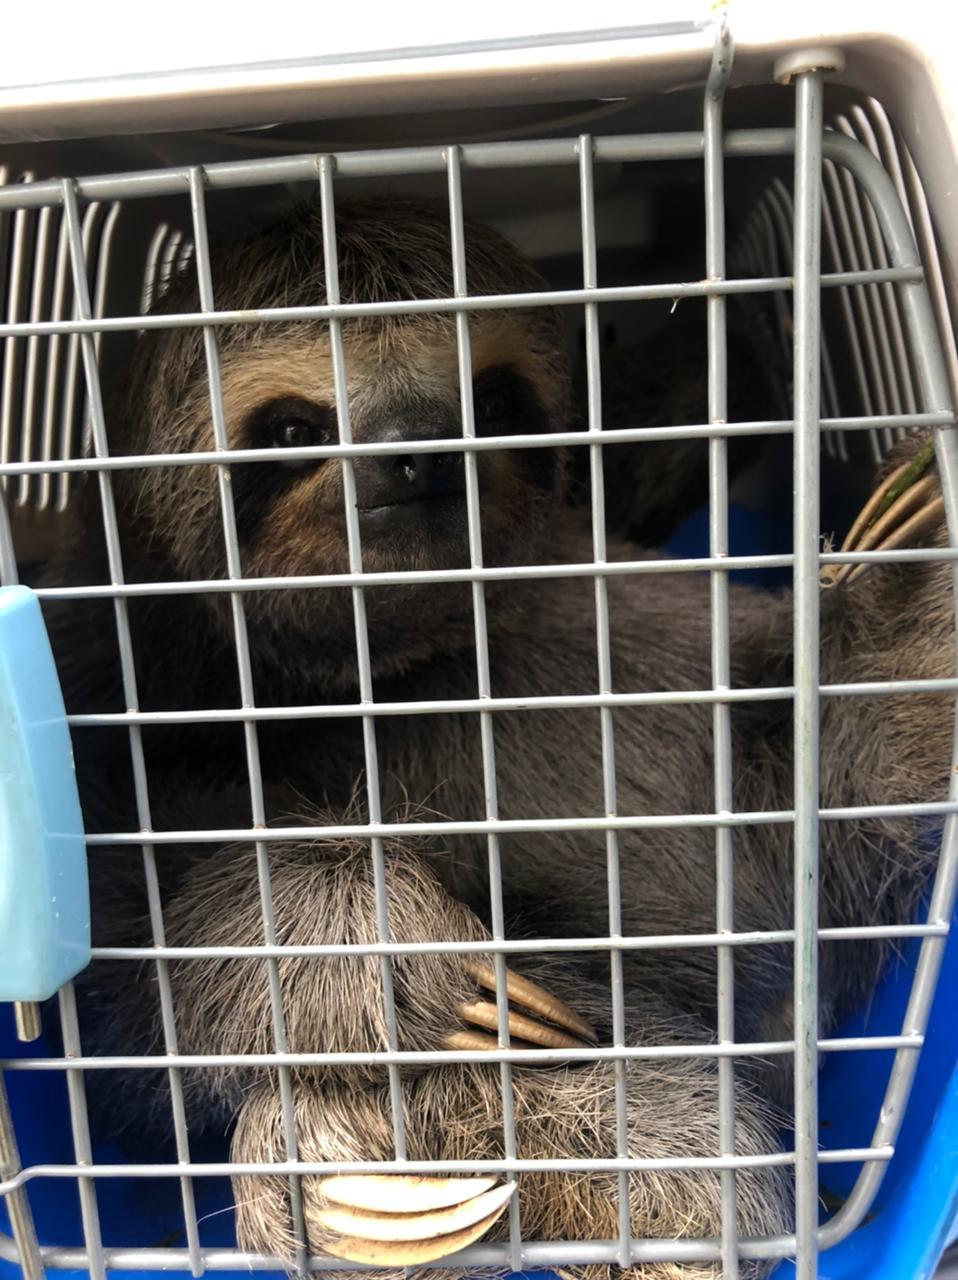 Bicho-preguiça passará por avaliação médica em São Vicente